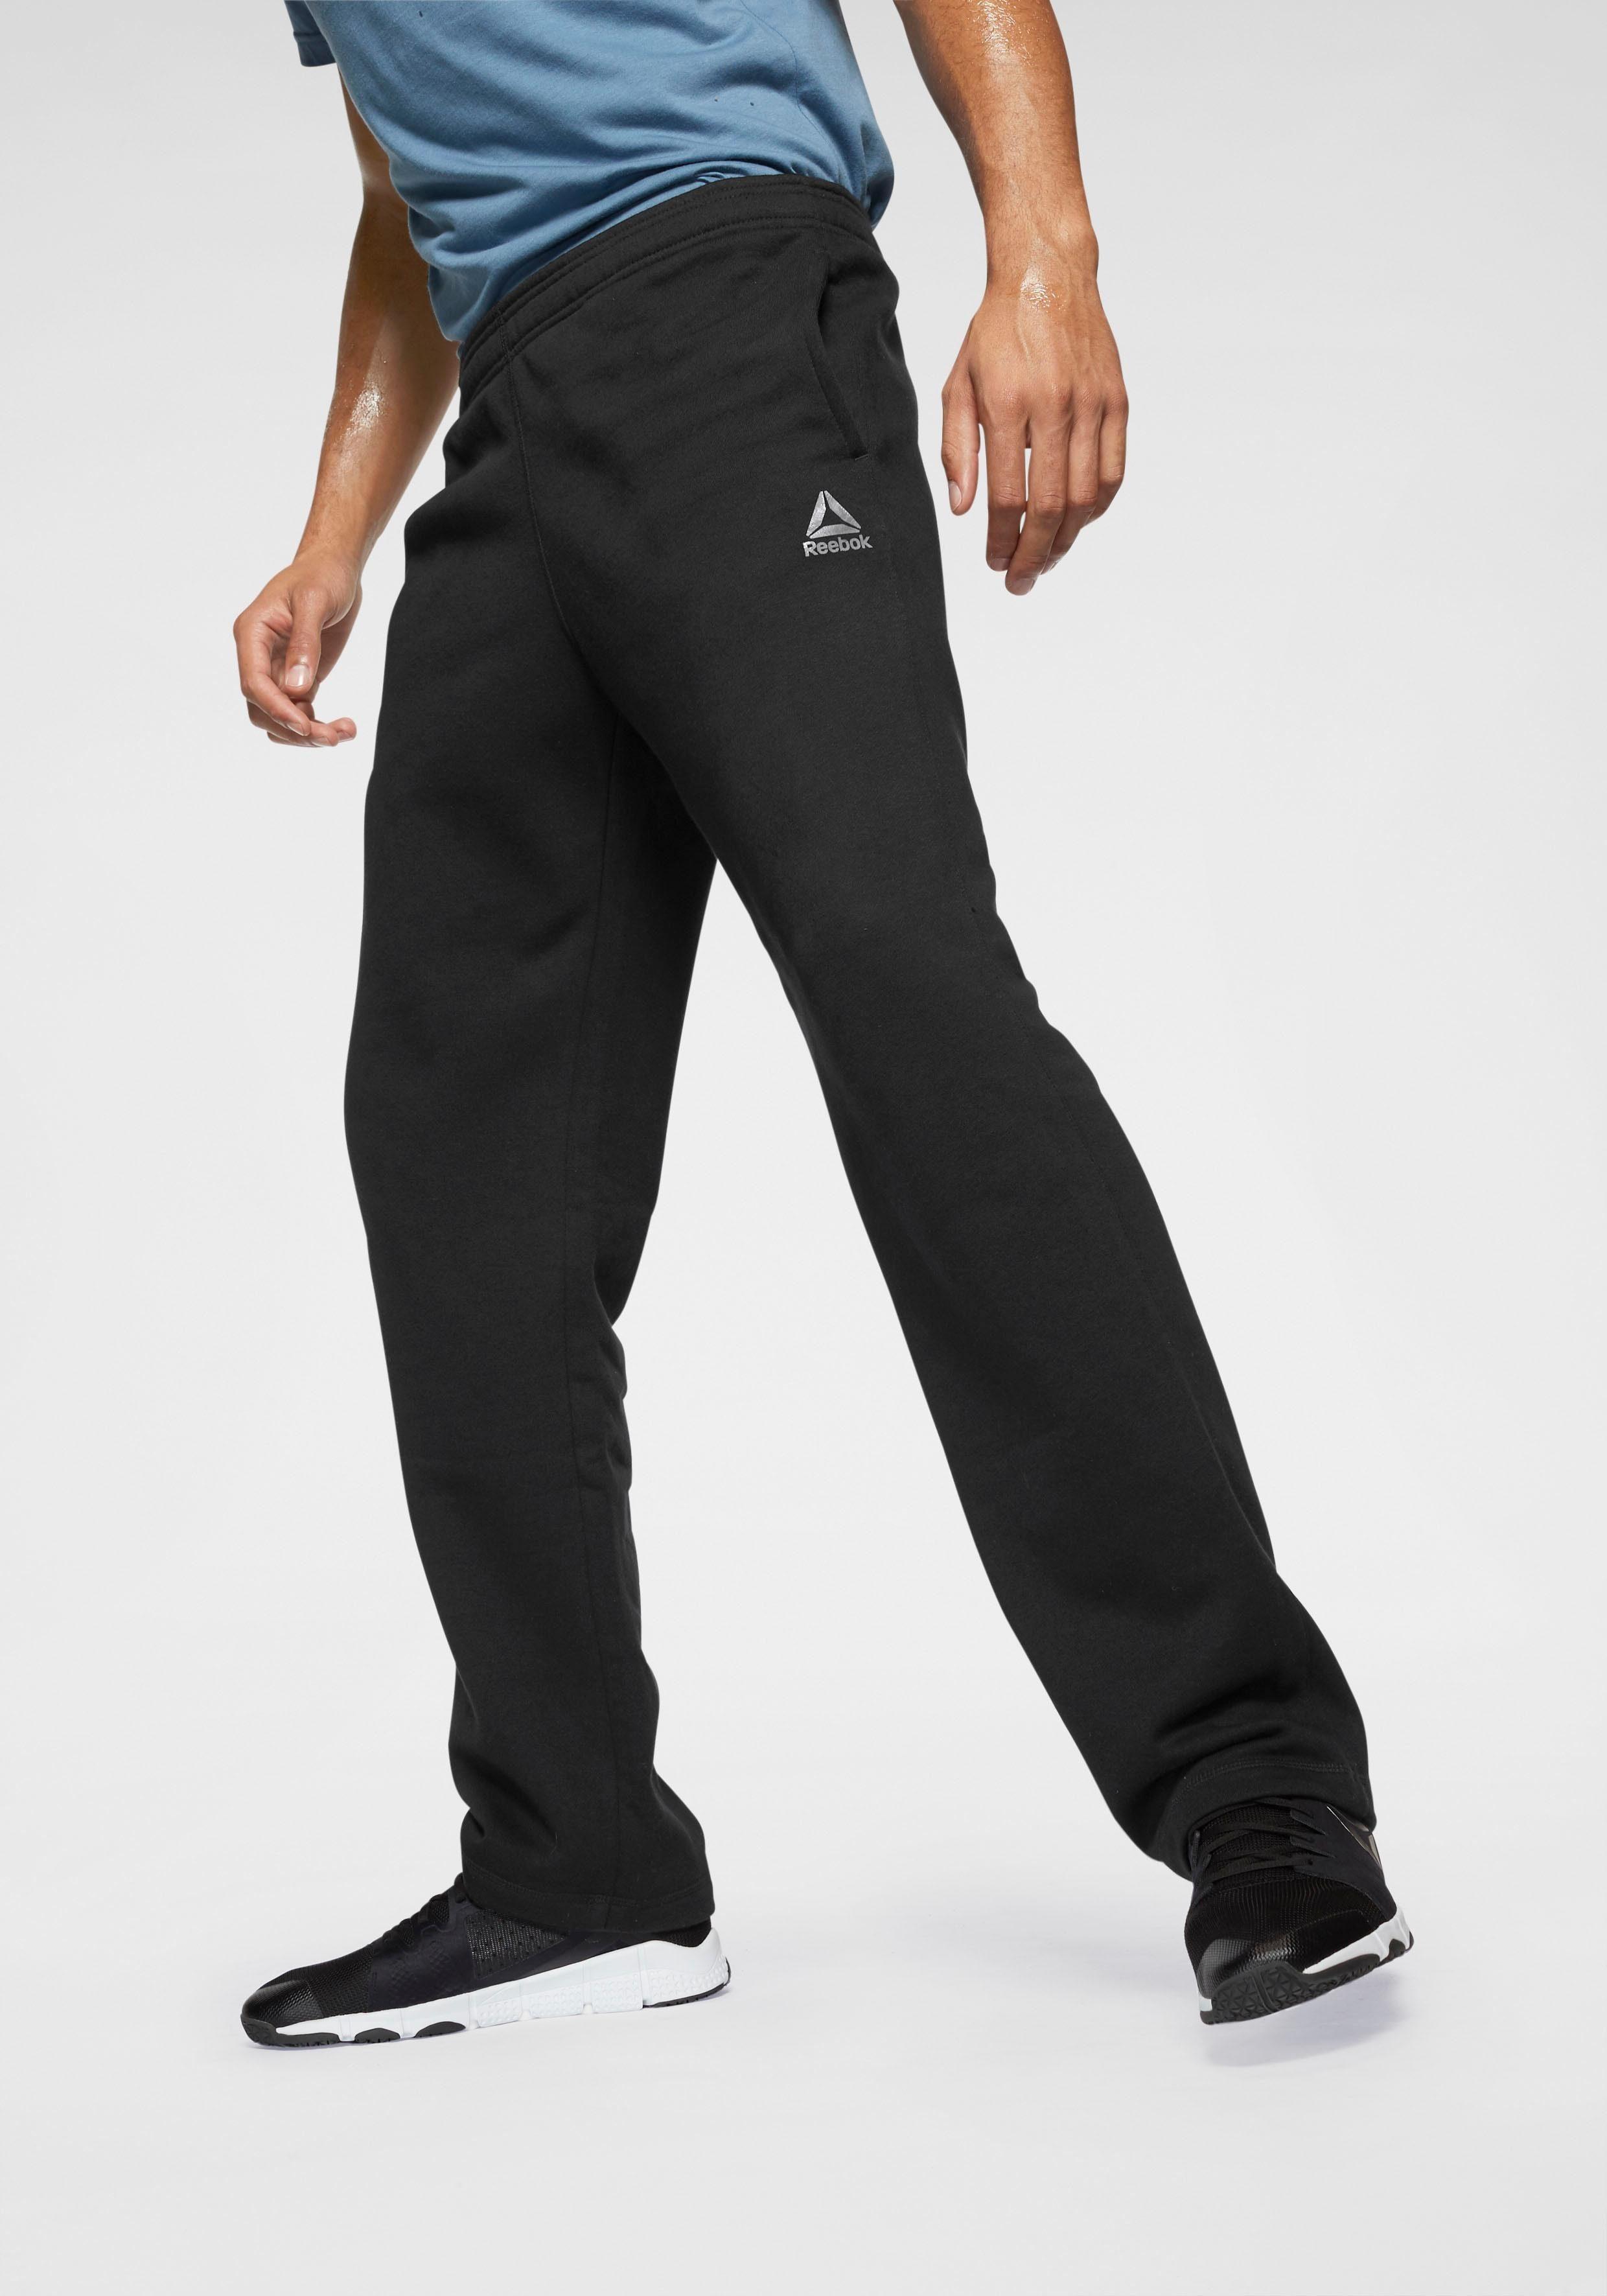 Schwarze Reebok Herren Sporthosen günstig kaufen | eBay